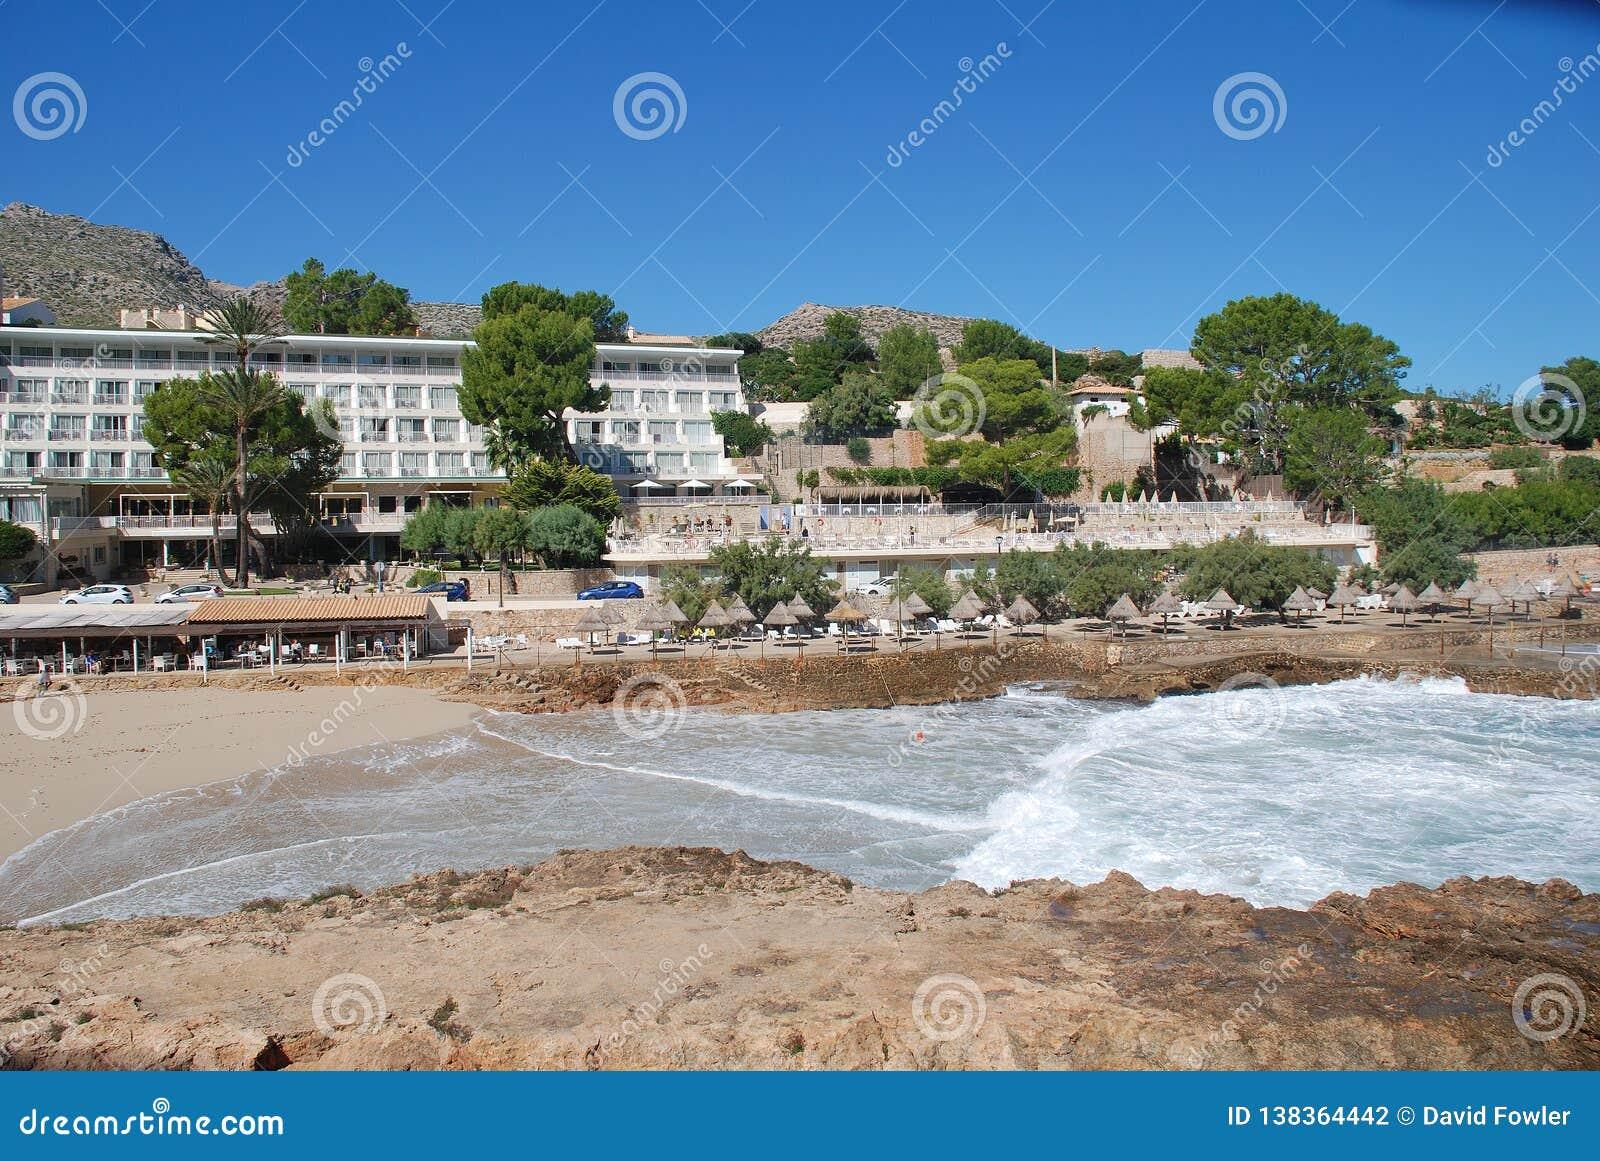 Molins plaża, Majorca